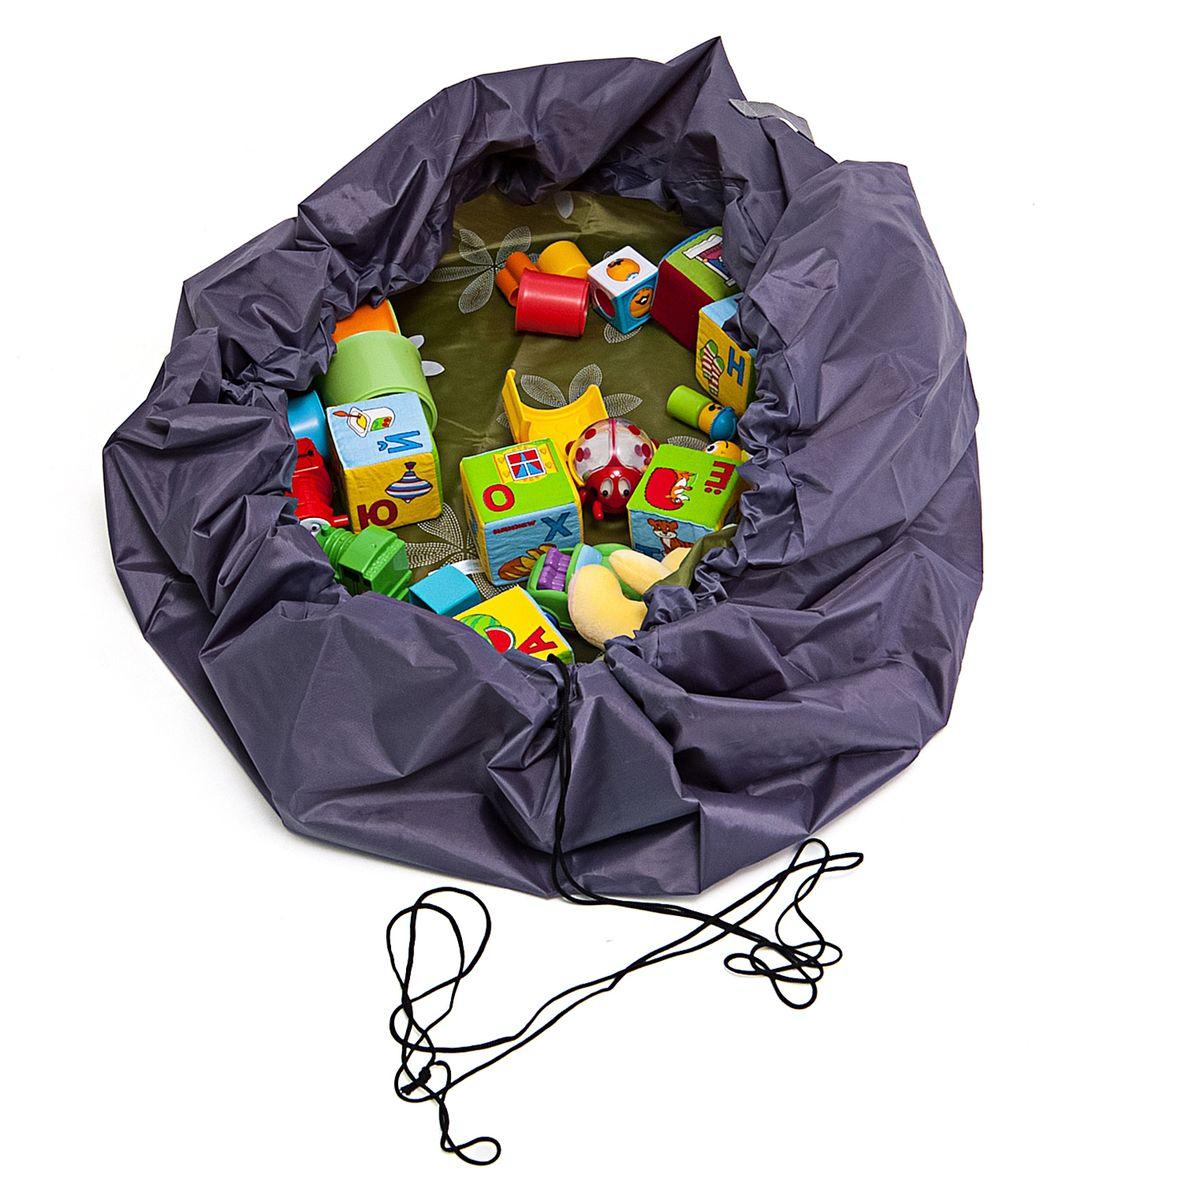 Сумка-коврик Homsu Лужайка, цвет: зеленый, 150х150 смR-109Сумка-коврик это оригинальный способ хранения и транспортировки детских игрушек. В разложенном состоянии - это поле для игры, а когда нужно собрать игрушки, он затягивается на шнурок и превращается в удобную сумку. Выполнен из прочного, но мягкого канваса. Размер изделия: 150х150см